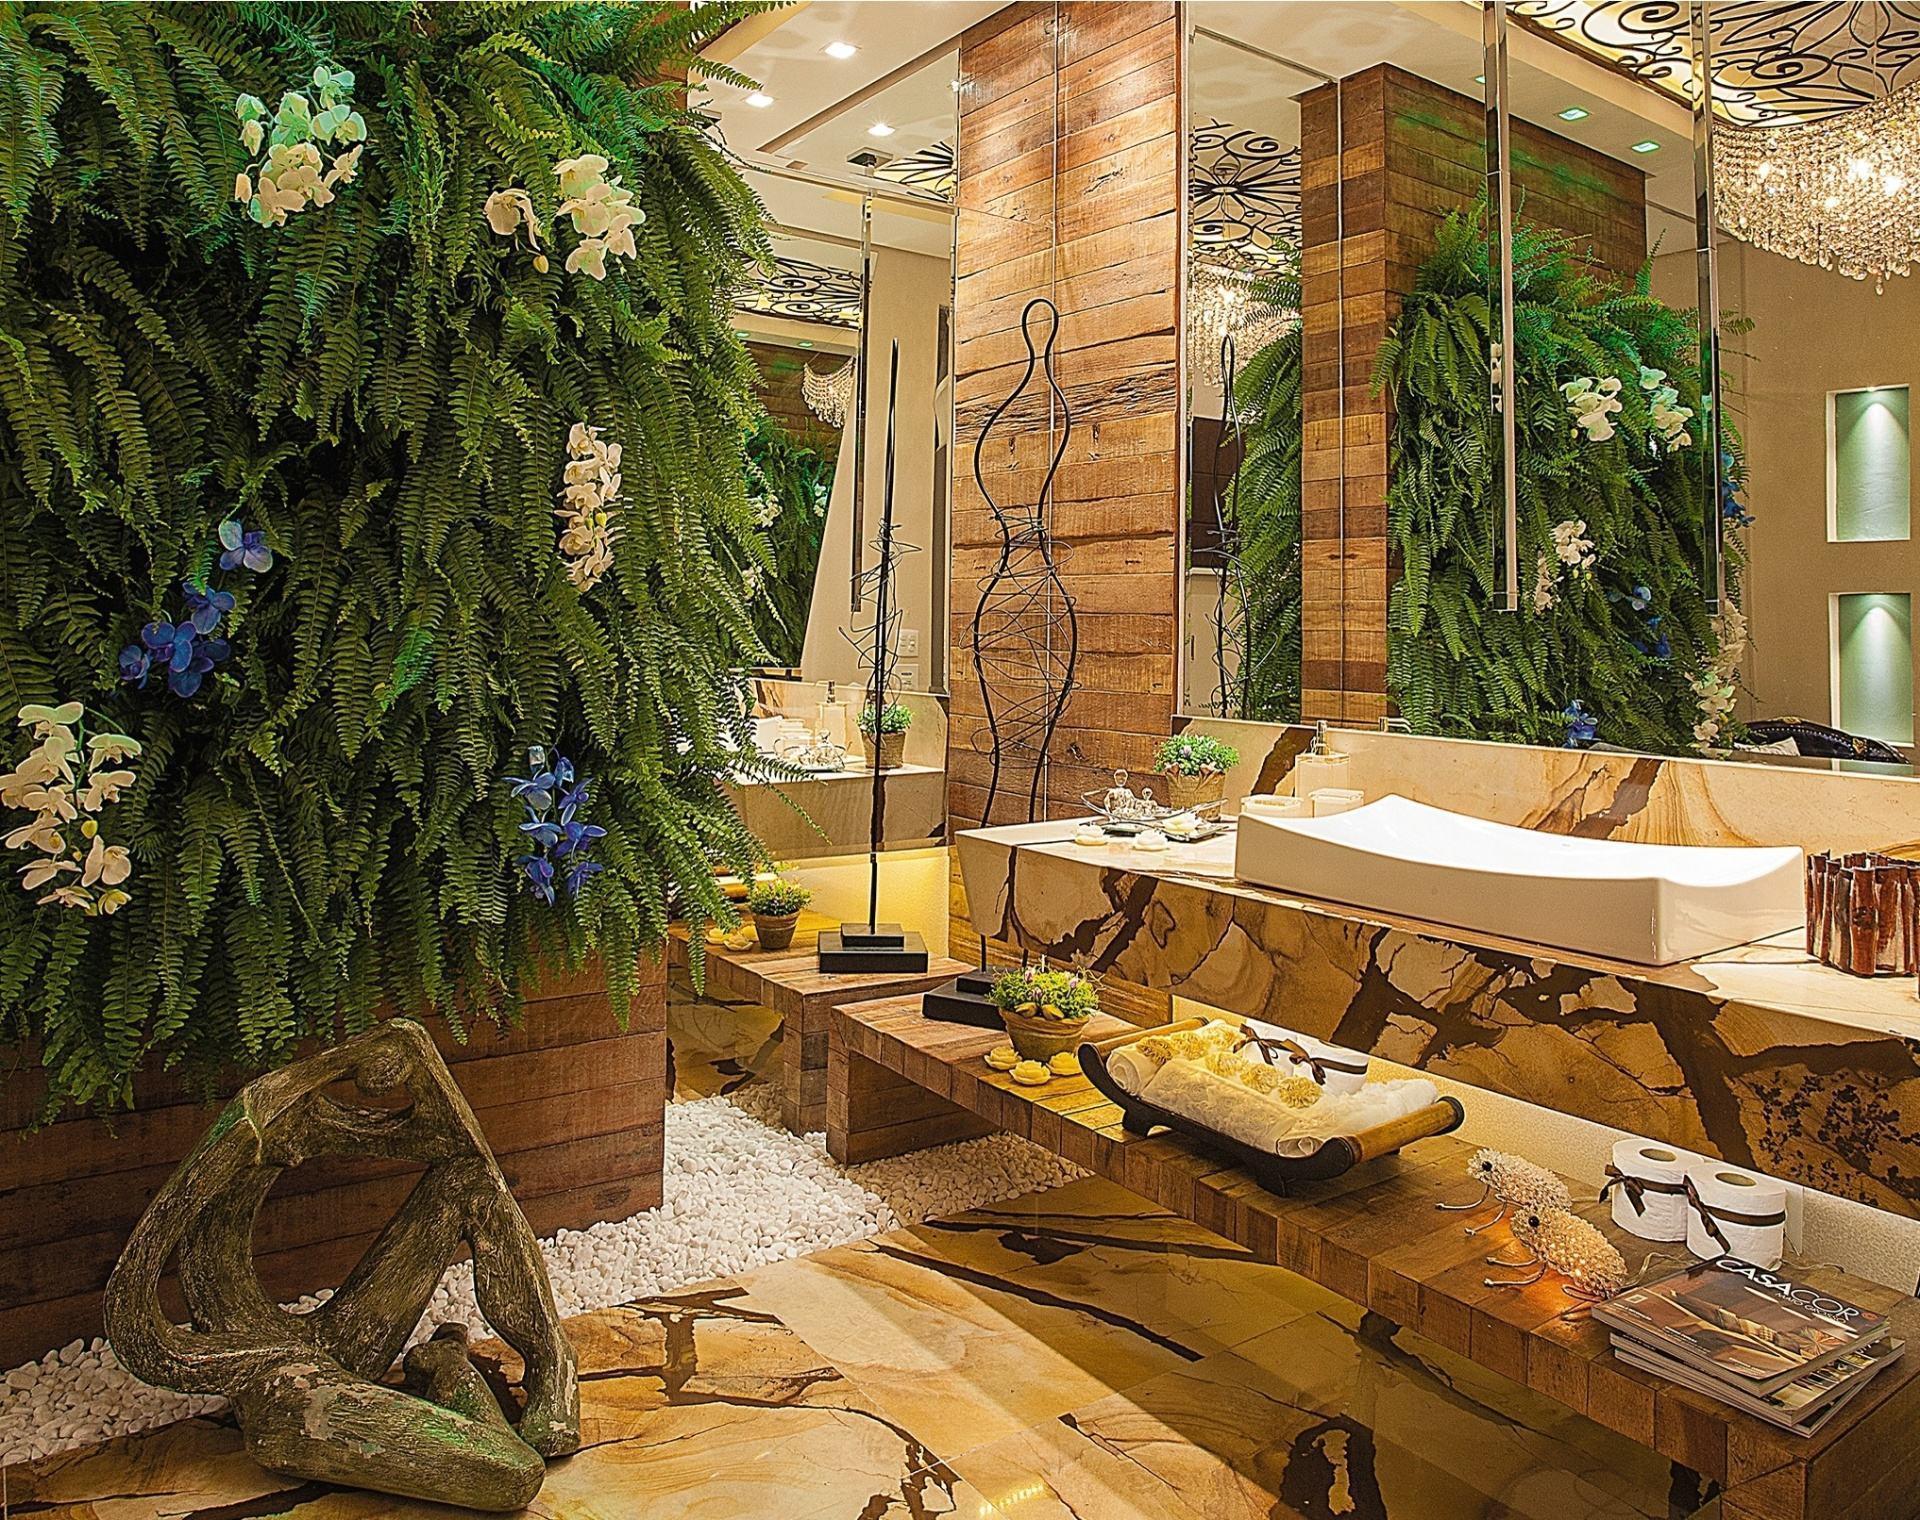 Imagem 45 – Valorize seu banheiro e transforma ele em um grande spa  #B28919 1920 1520